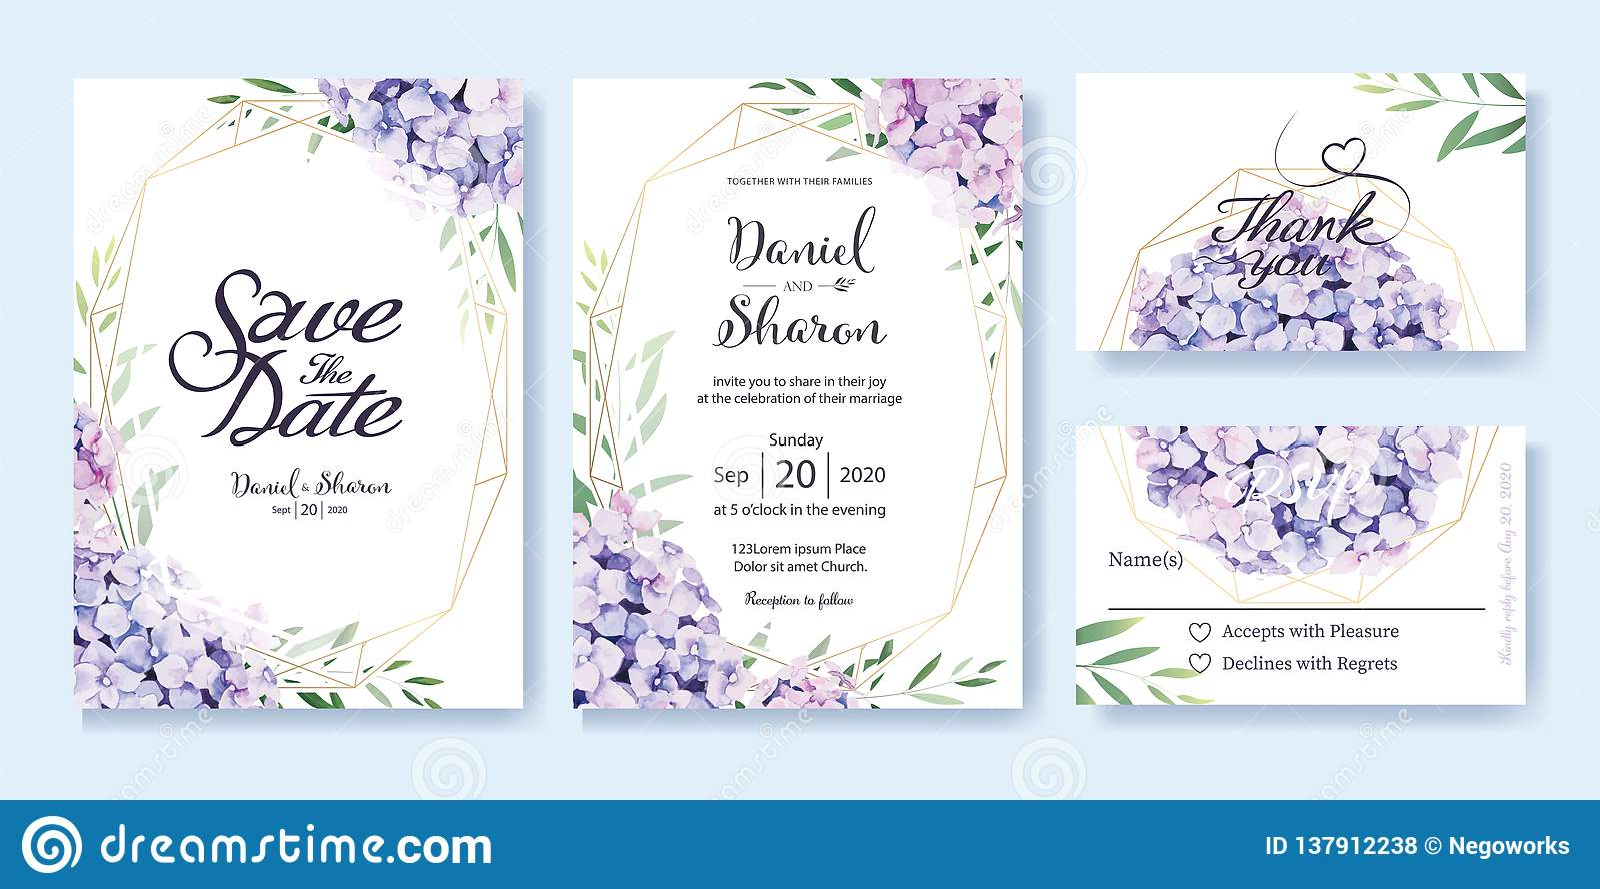 Ślubny zaproszenie, save datę, dziękuje ciebie, rsvp karcianego projekta szablon wektor hortensja kwiaty, oliwka liście bambusowa